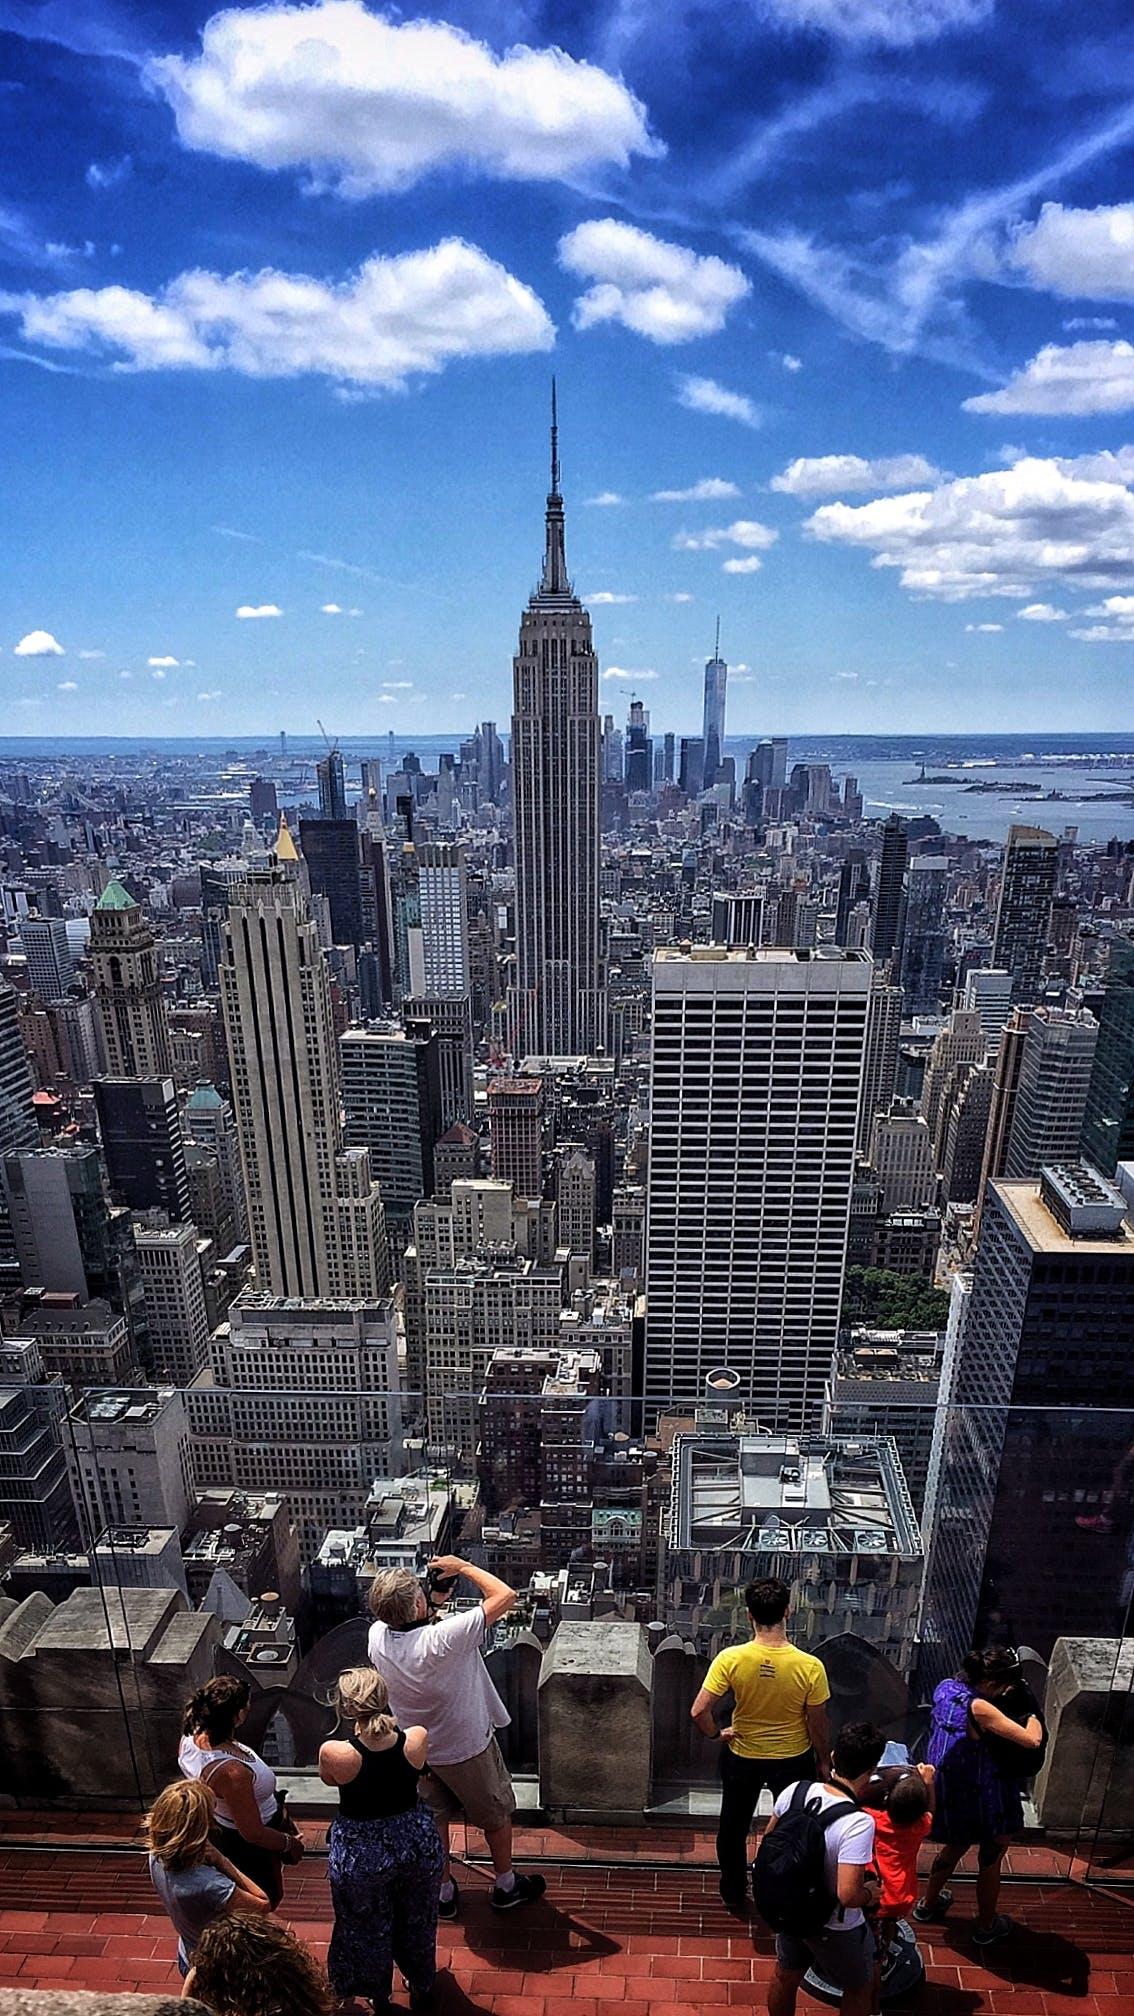 Kostenloses Stock Foto zu big apple, blauer himmel, dach, empire state building